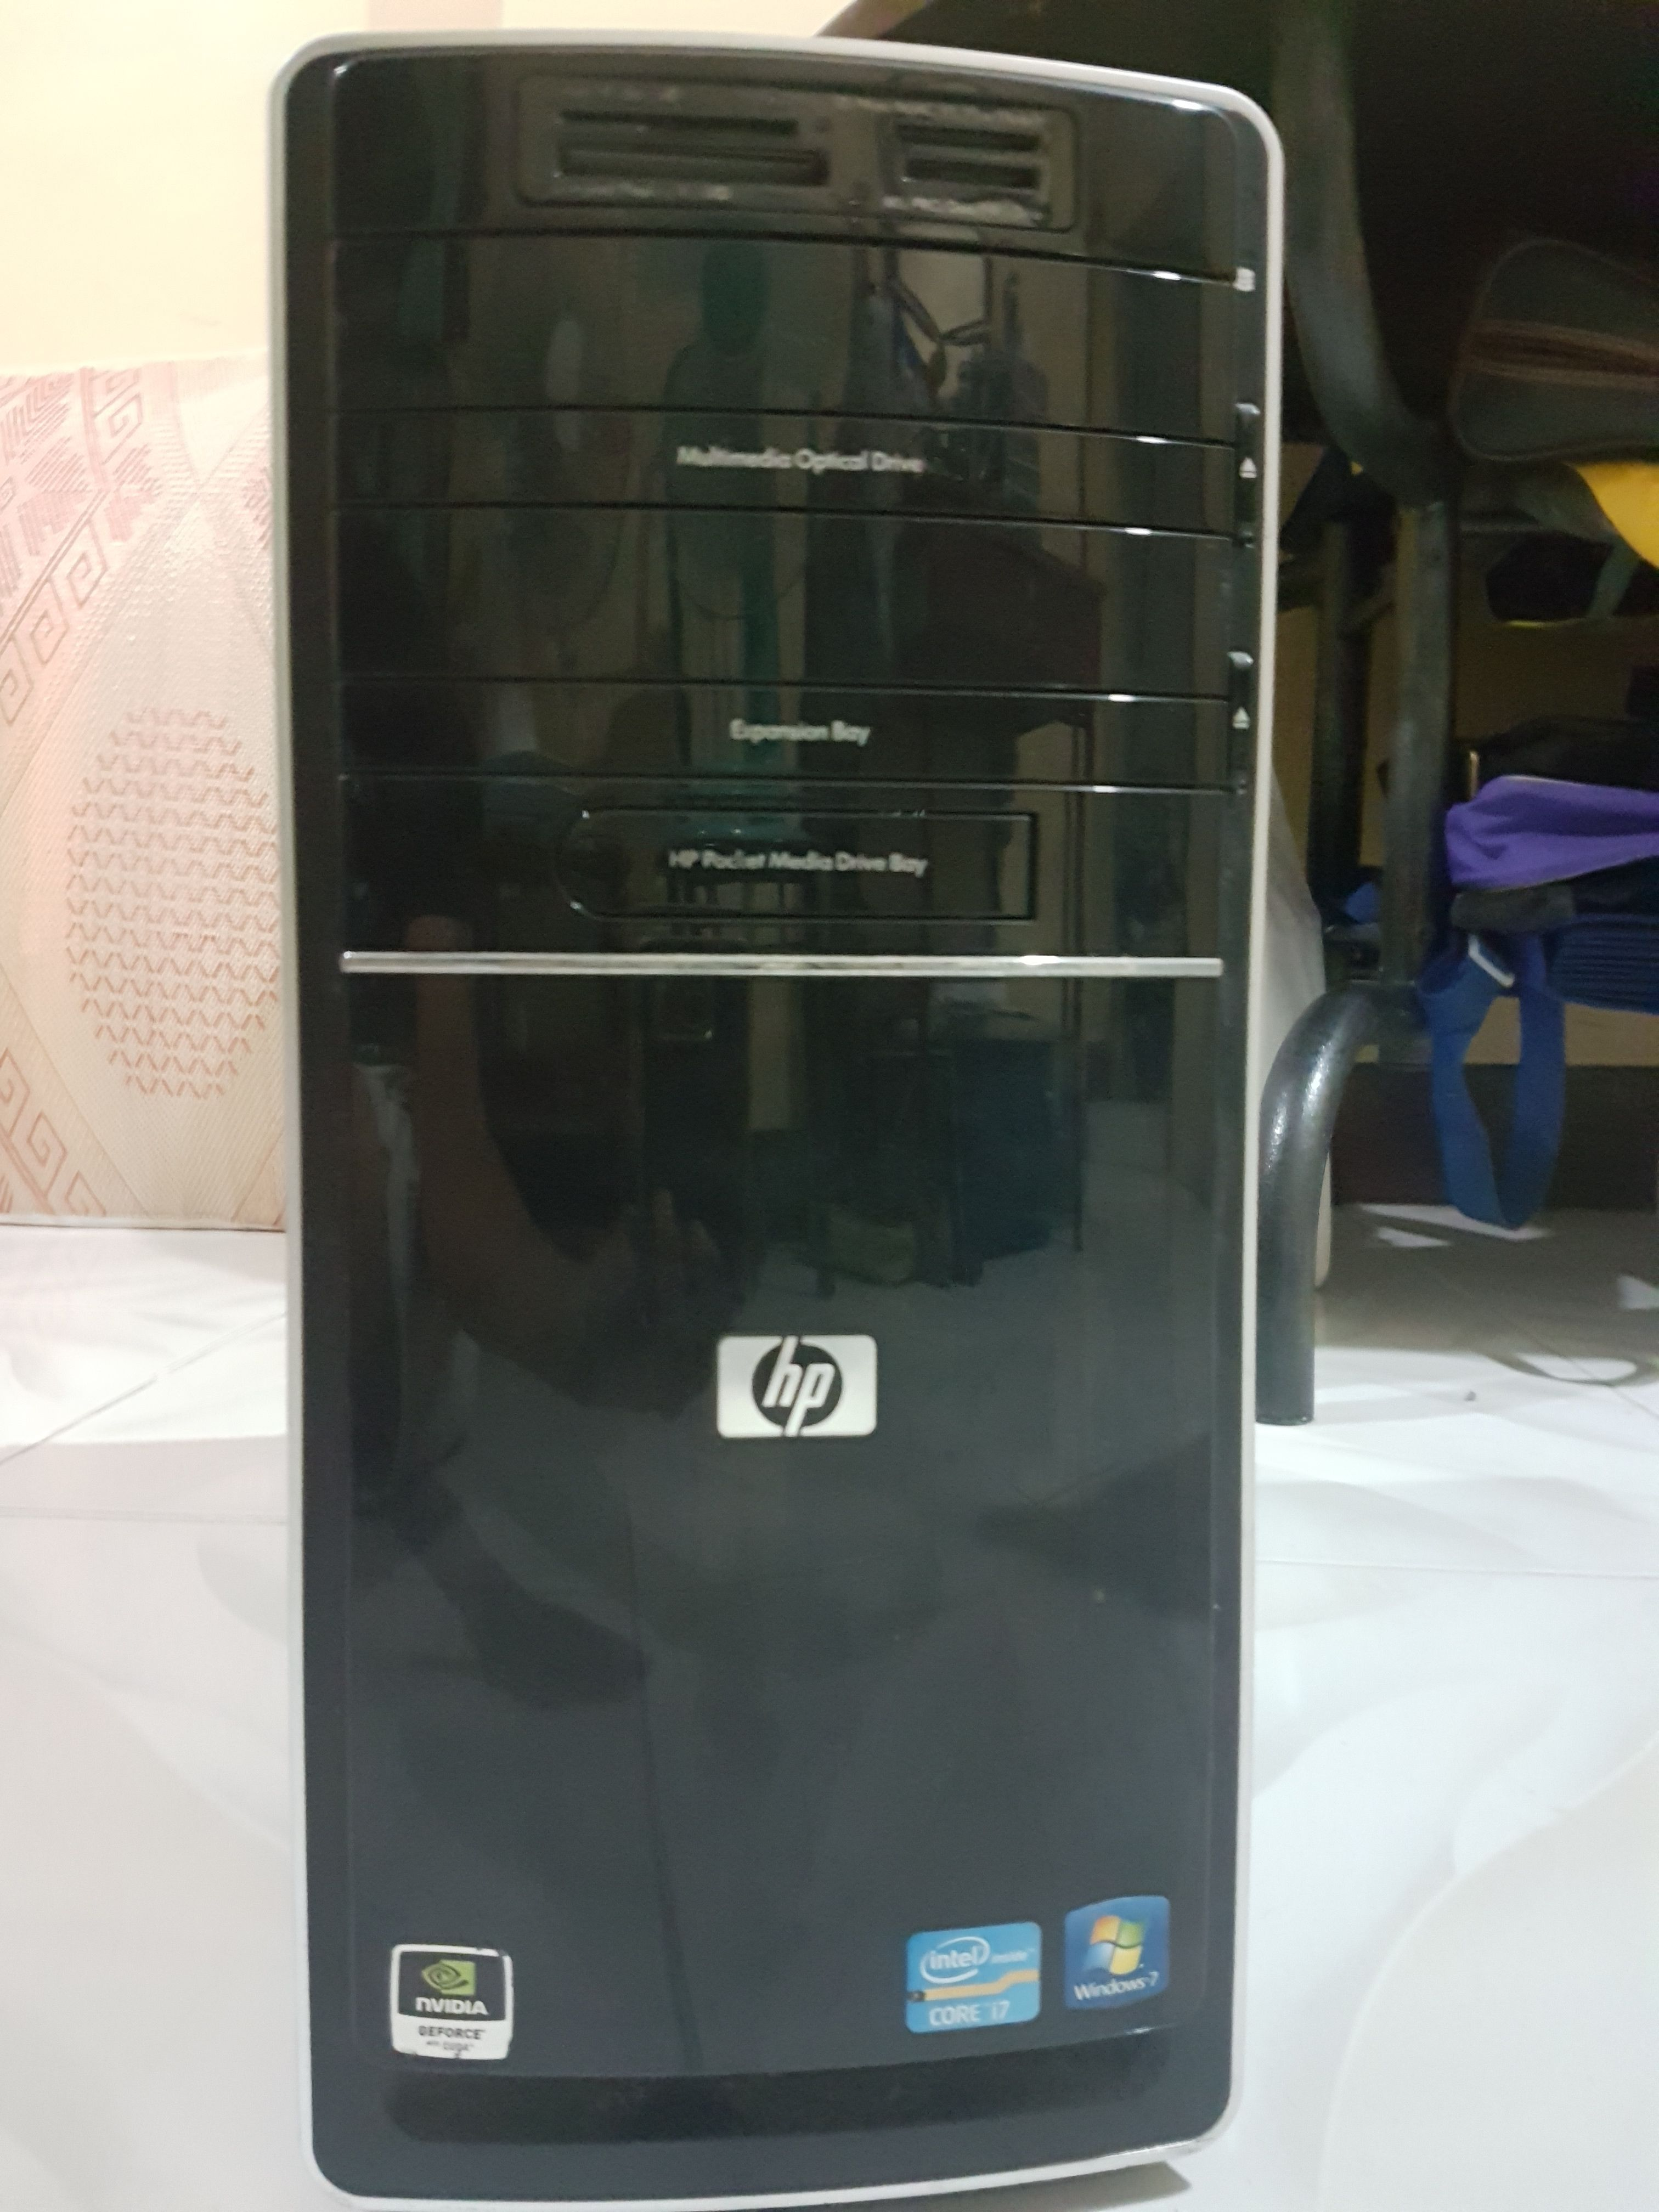 TipidPC com - (SOLD) Desktop Hp Pavilion P6000 Core i7 2600